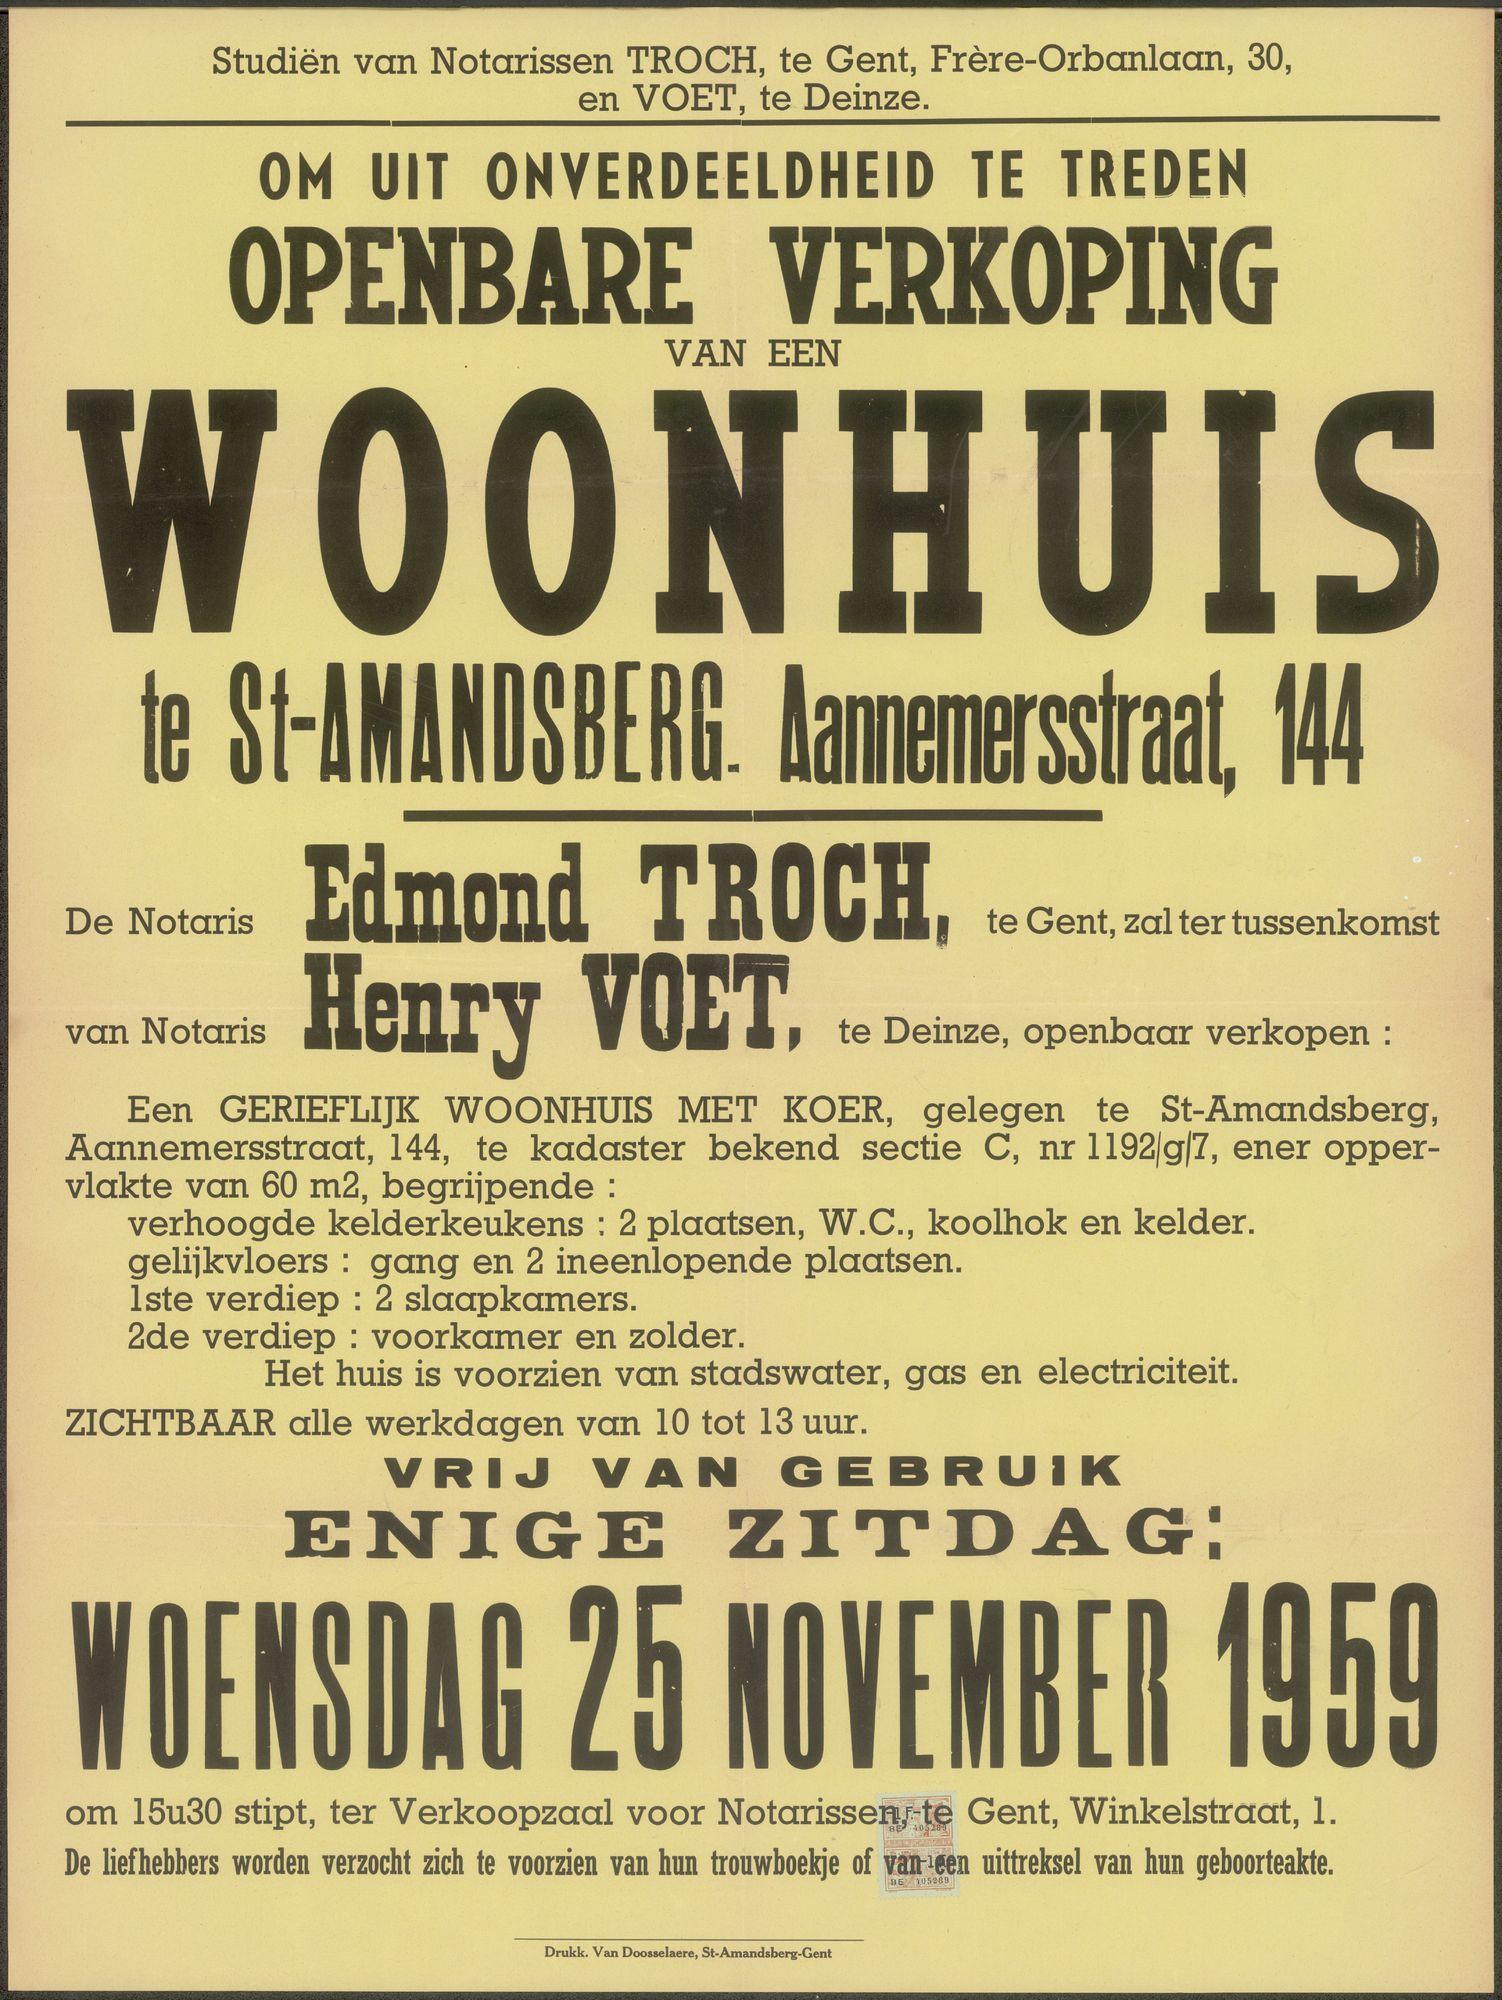 Openbare verkoop van een woonhuis te Sint-Amandsberg - Aannemersstraat, nr.144, Gent, 25 november 1959